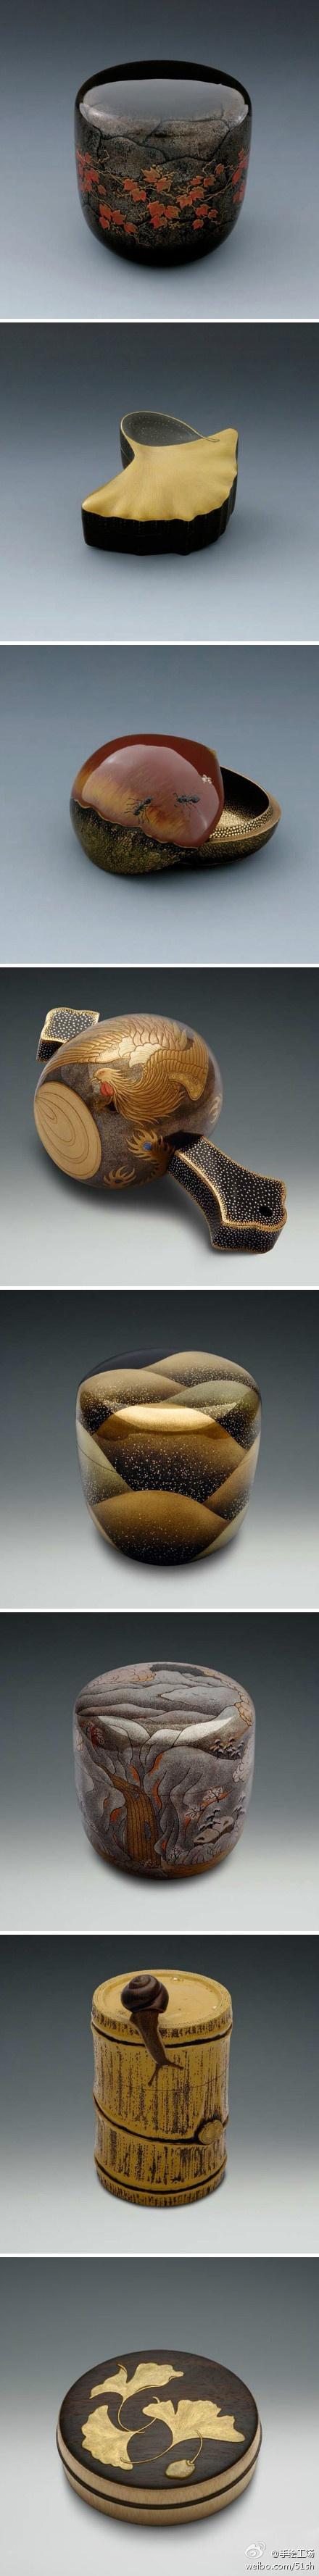 美轮美奂的当代日本漆 - 味图